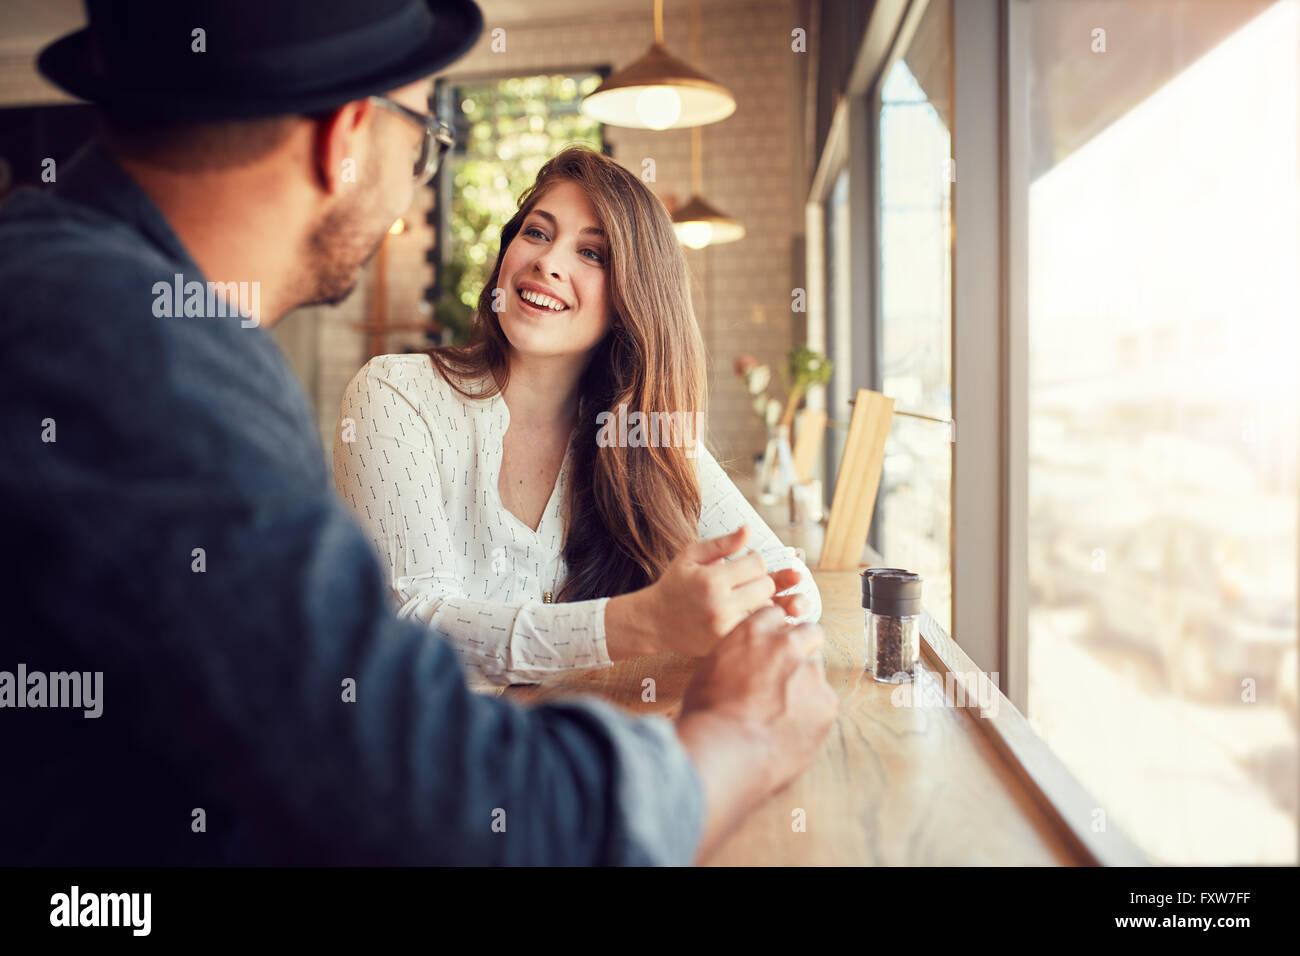 Smiling young woman sitting in a cafe et de parler à son petit ami. Jeune couple passé du temps au café. Photo Stock